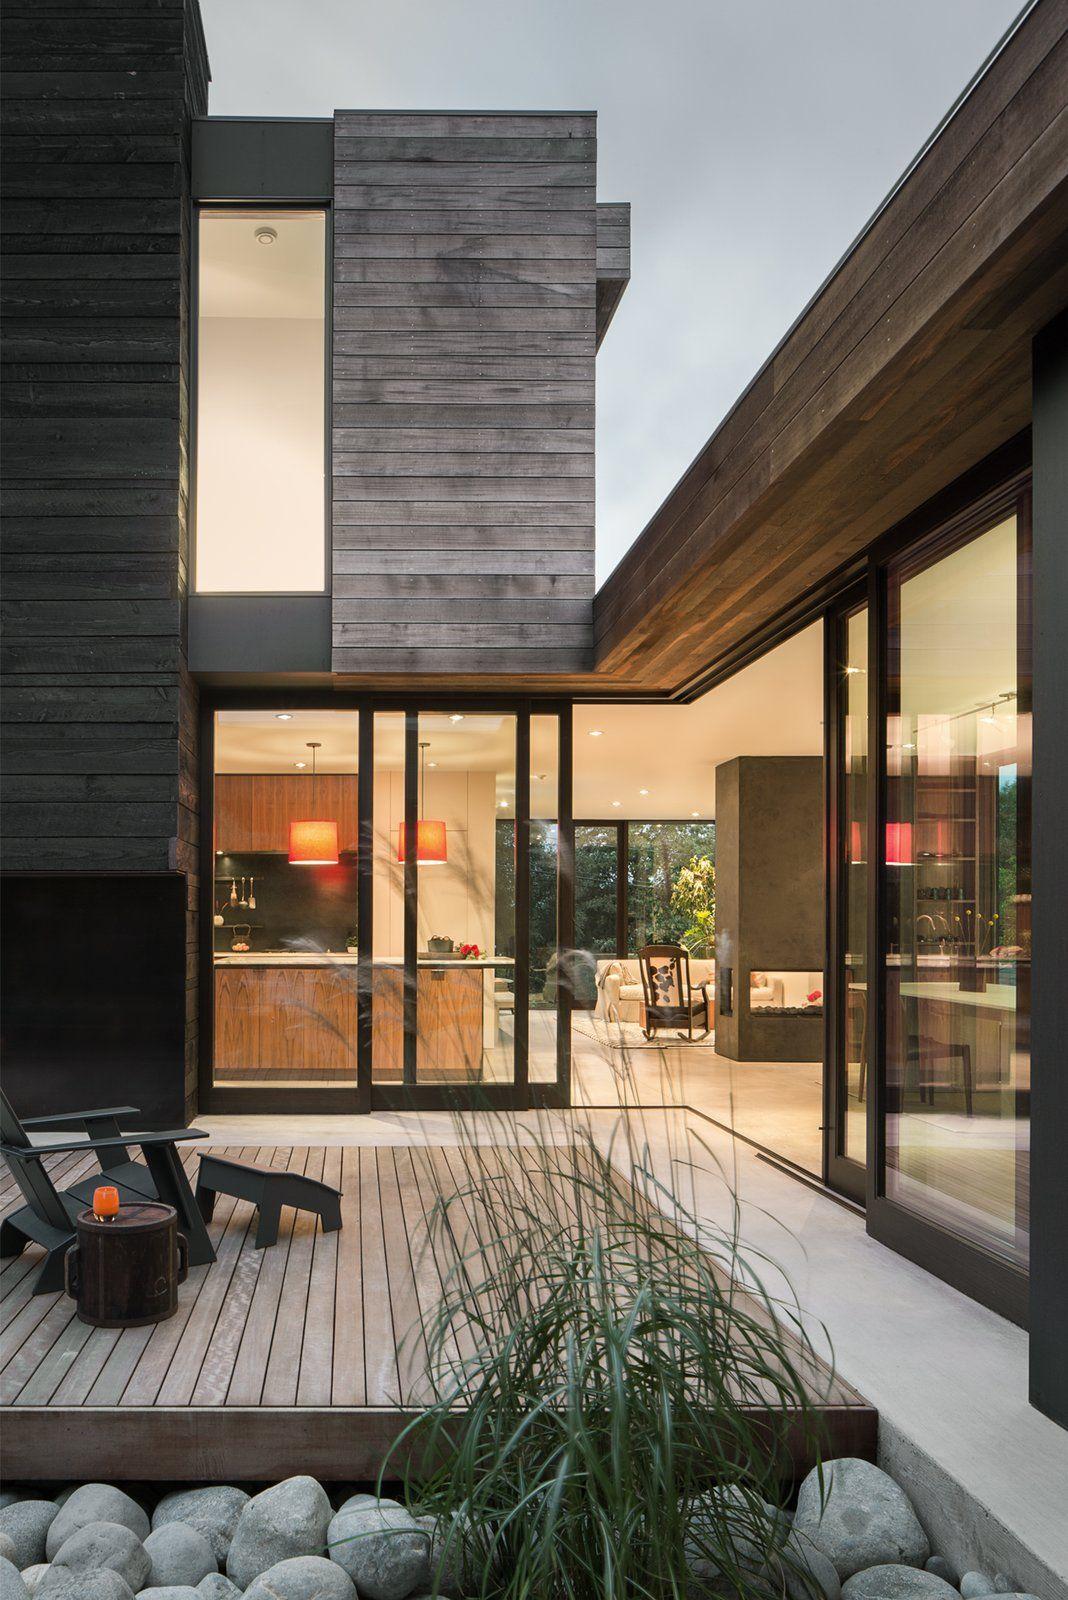 Helen Street Modern Home in Seattle, Washington | Innenarchitektur ...